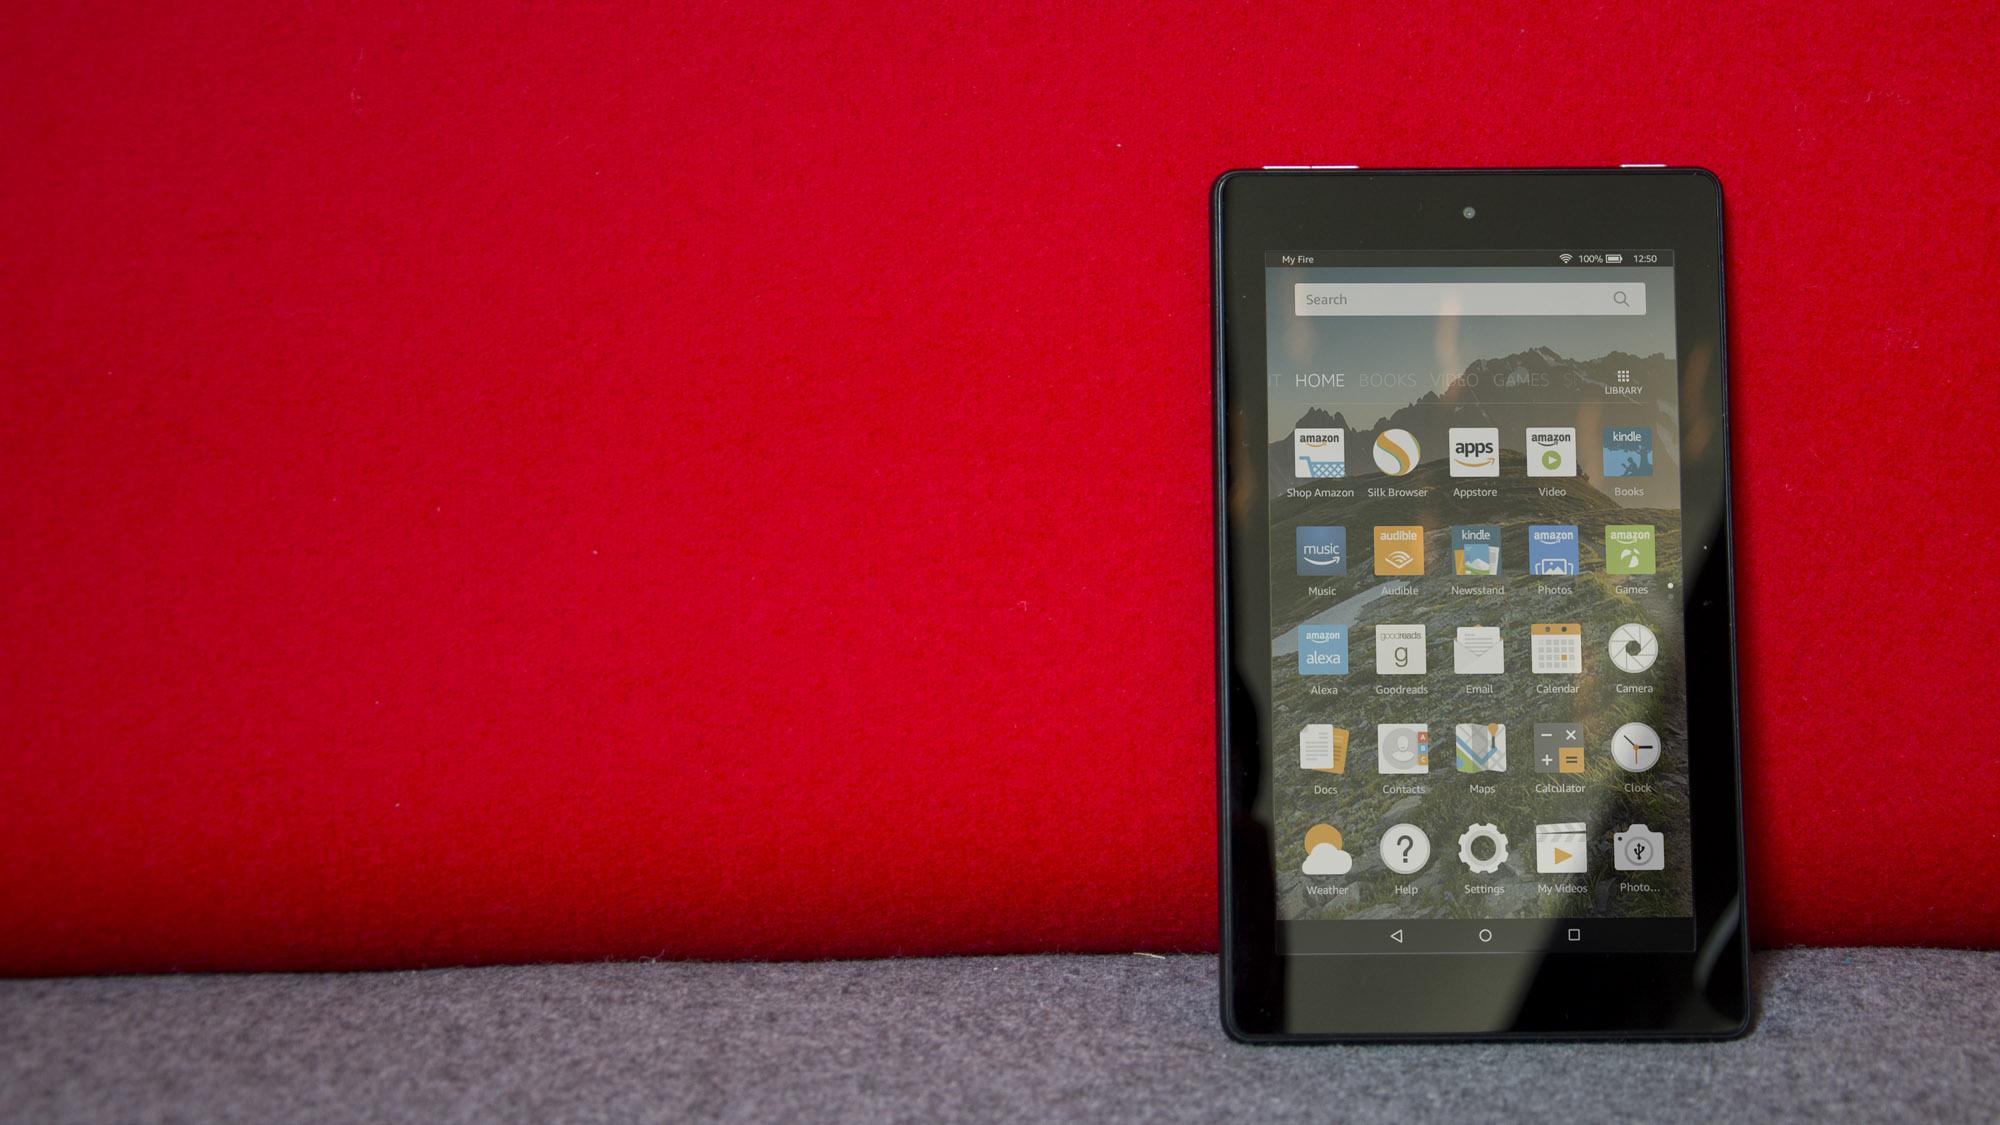 Amazon Обзор Fire 7 (2017): выгодный планшет, который был заменен